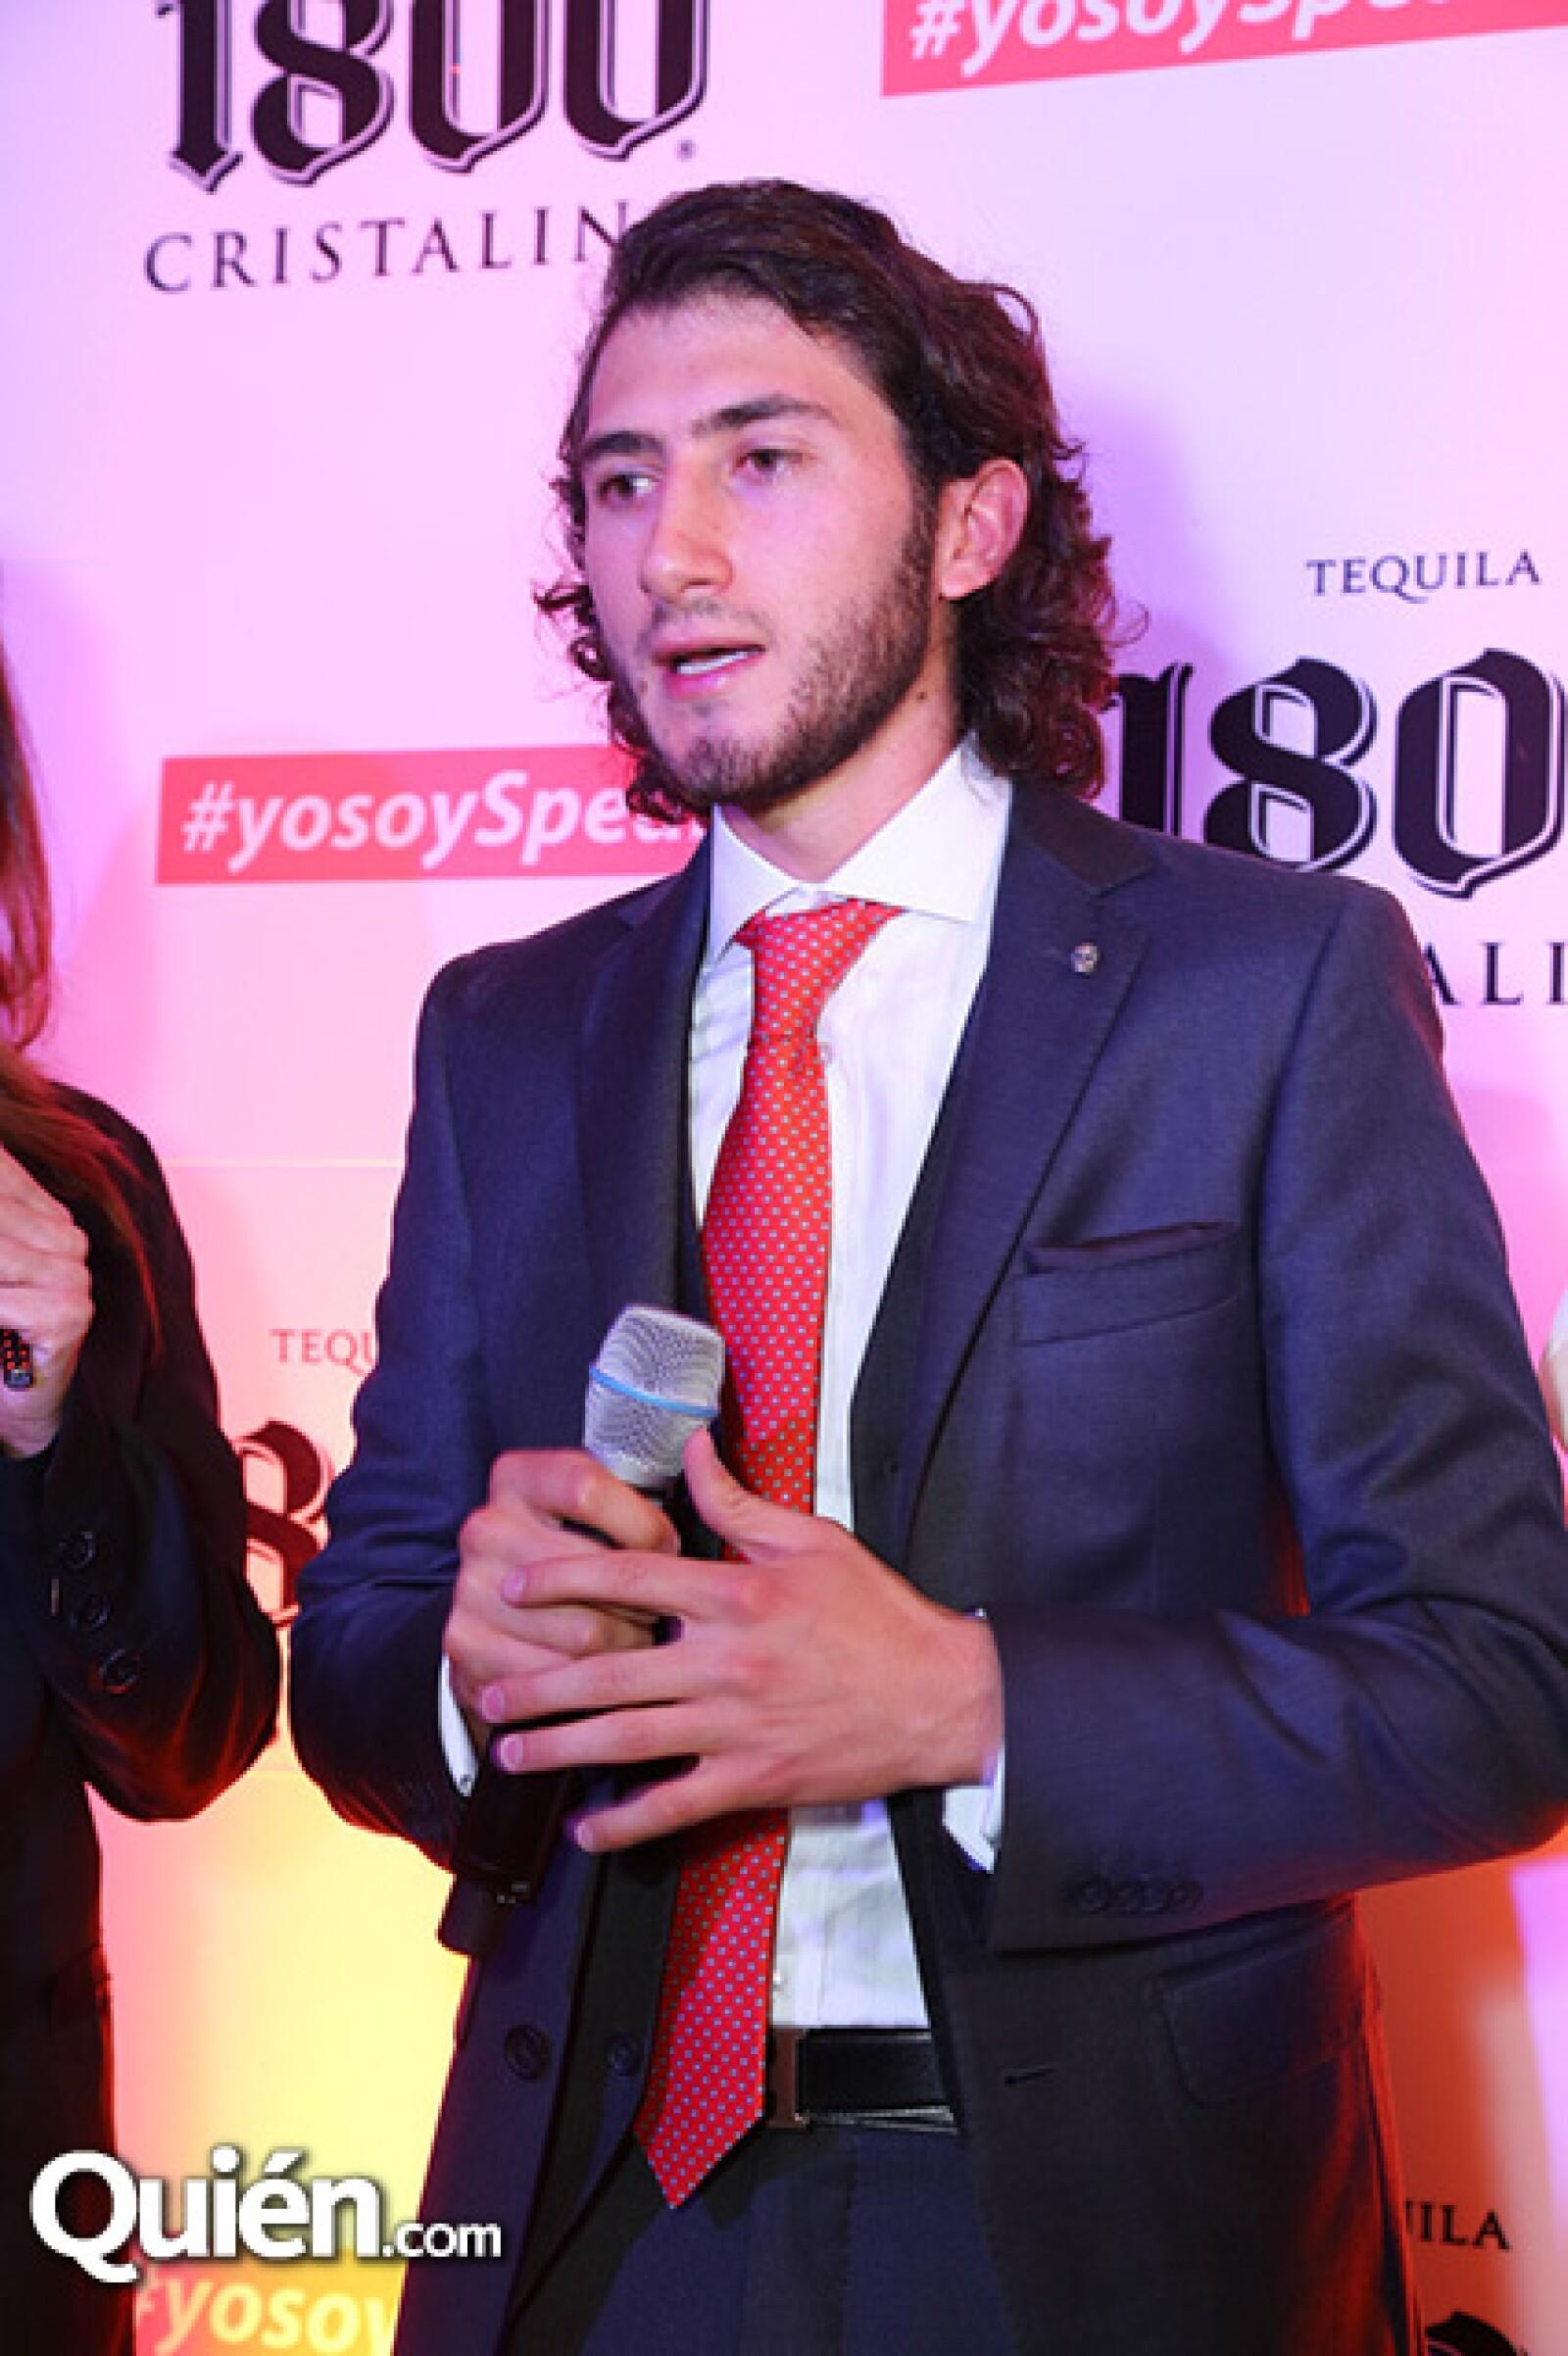 Carlos Gotlib